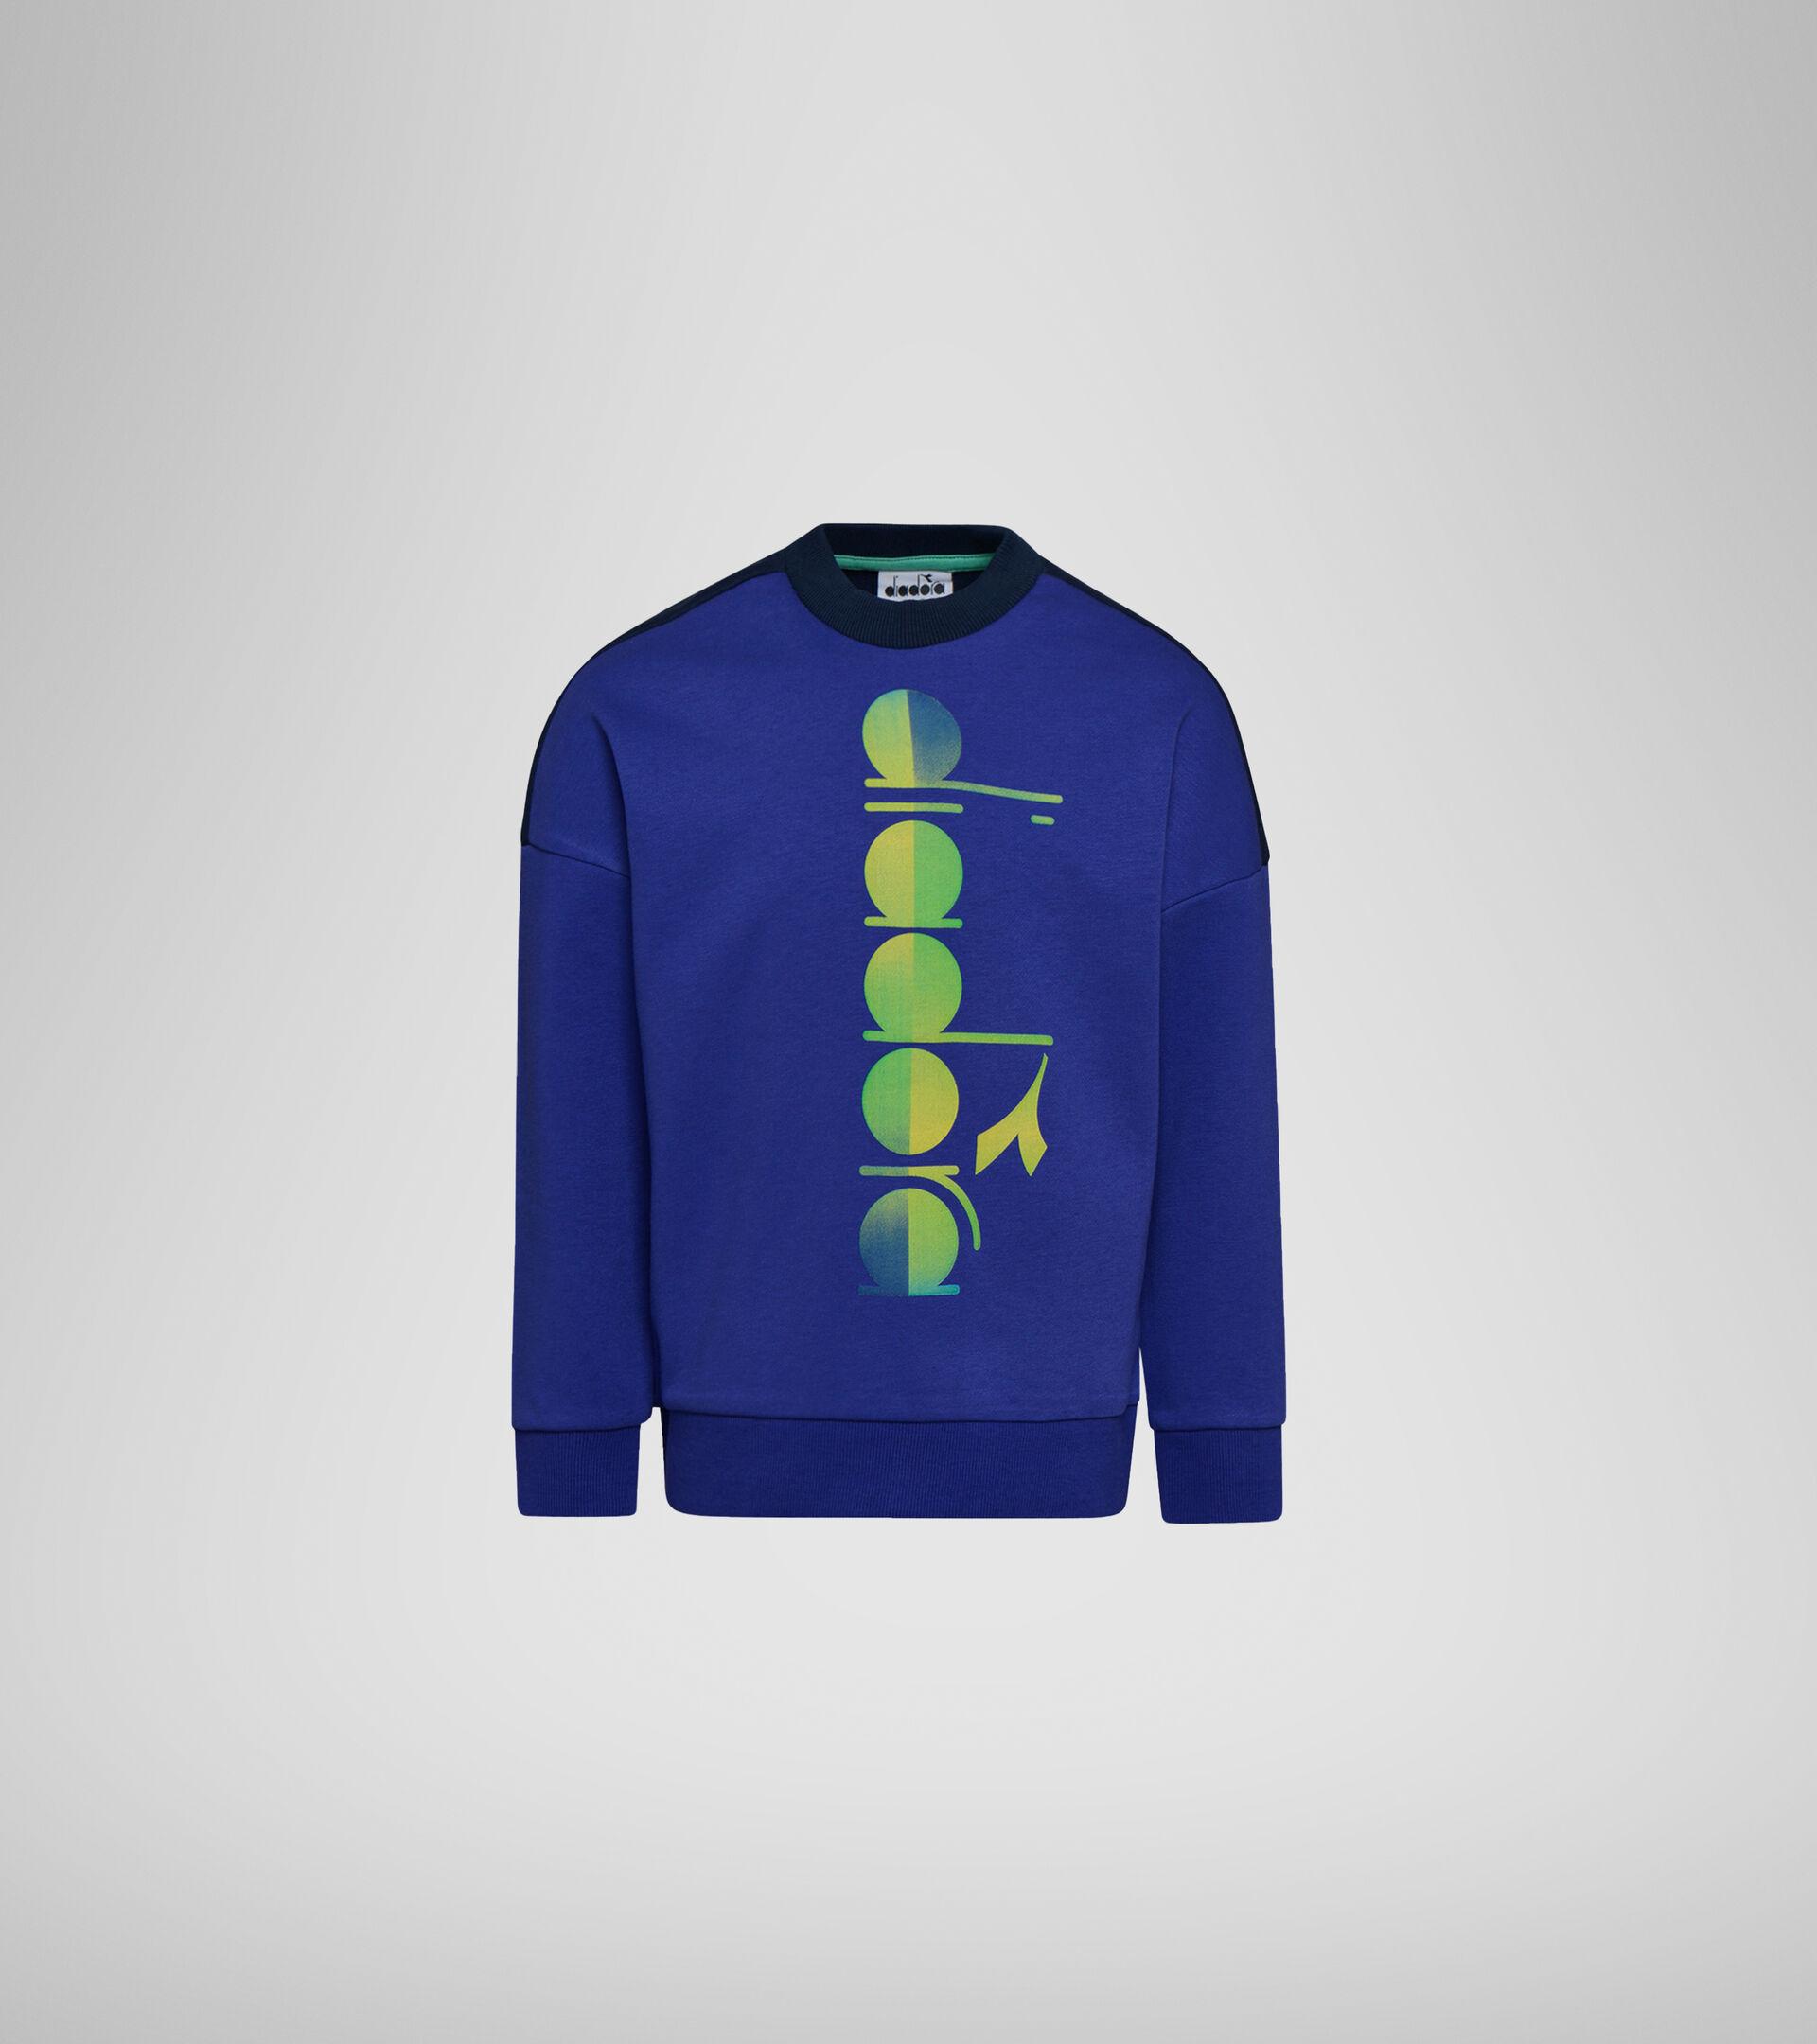 Sweater mit Rundhalsausschnitt - Jungs JB.SWEATSHIRT CREW DIADORA CLUB KLEMATISBLAU - Diadora